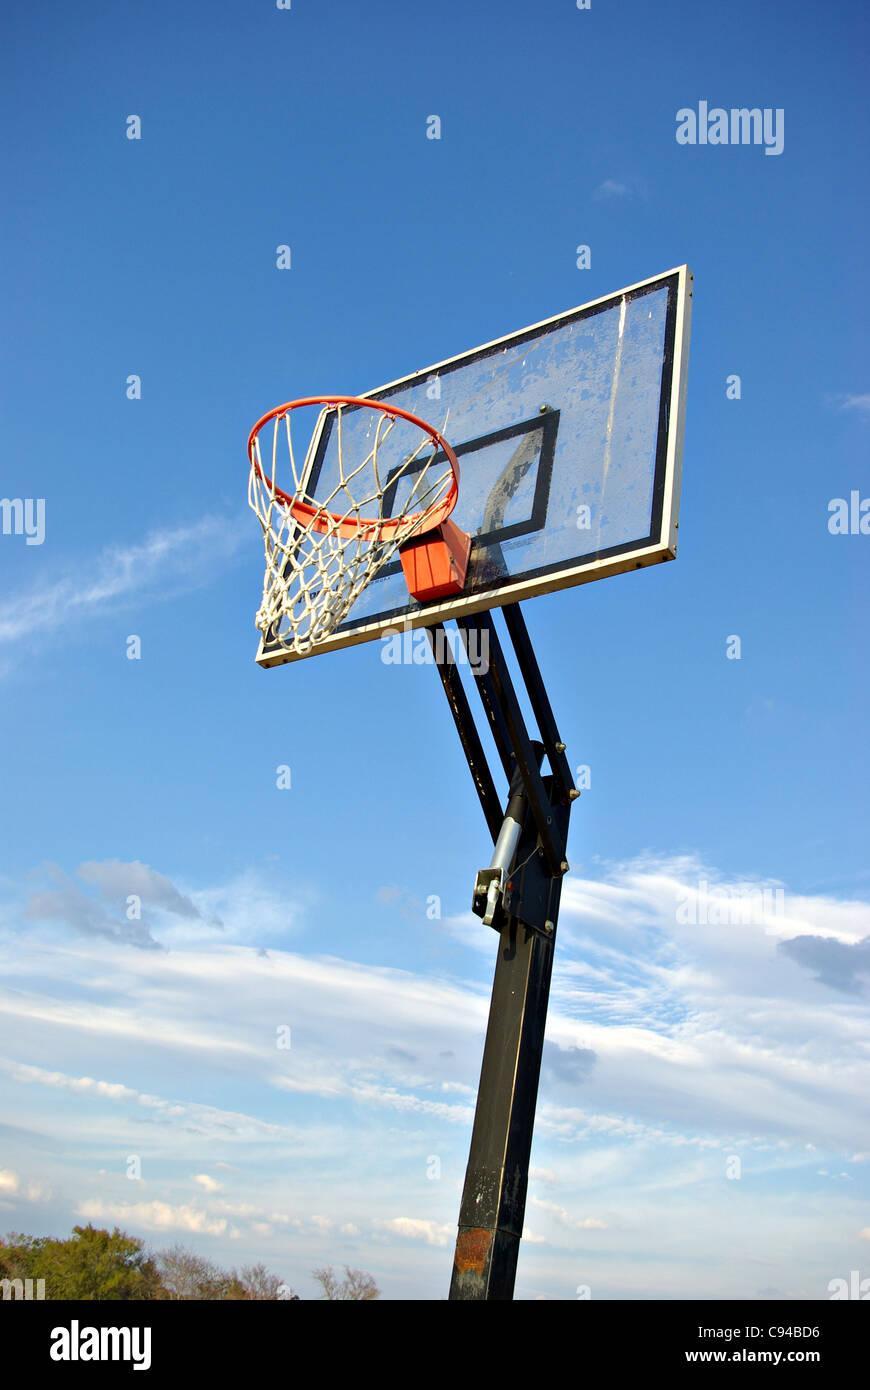 Un objectif de basket-ball avec le ciel pour un arrière-plan dans le pays. Photo Stock